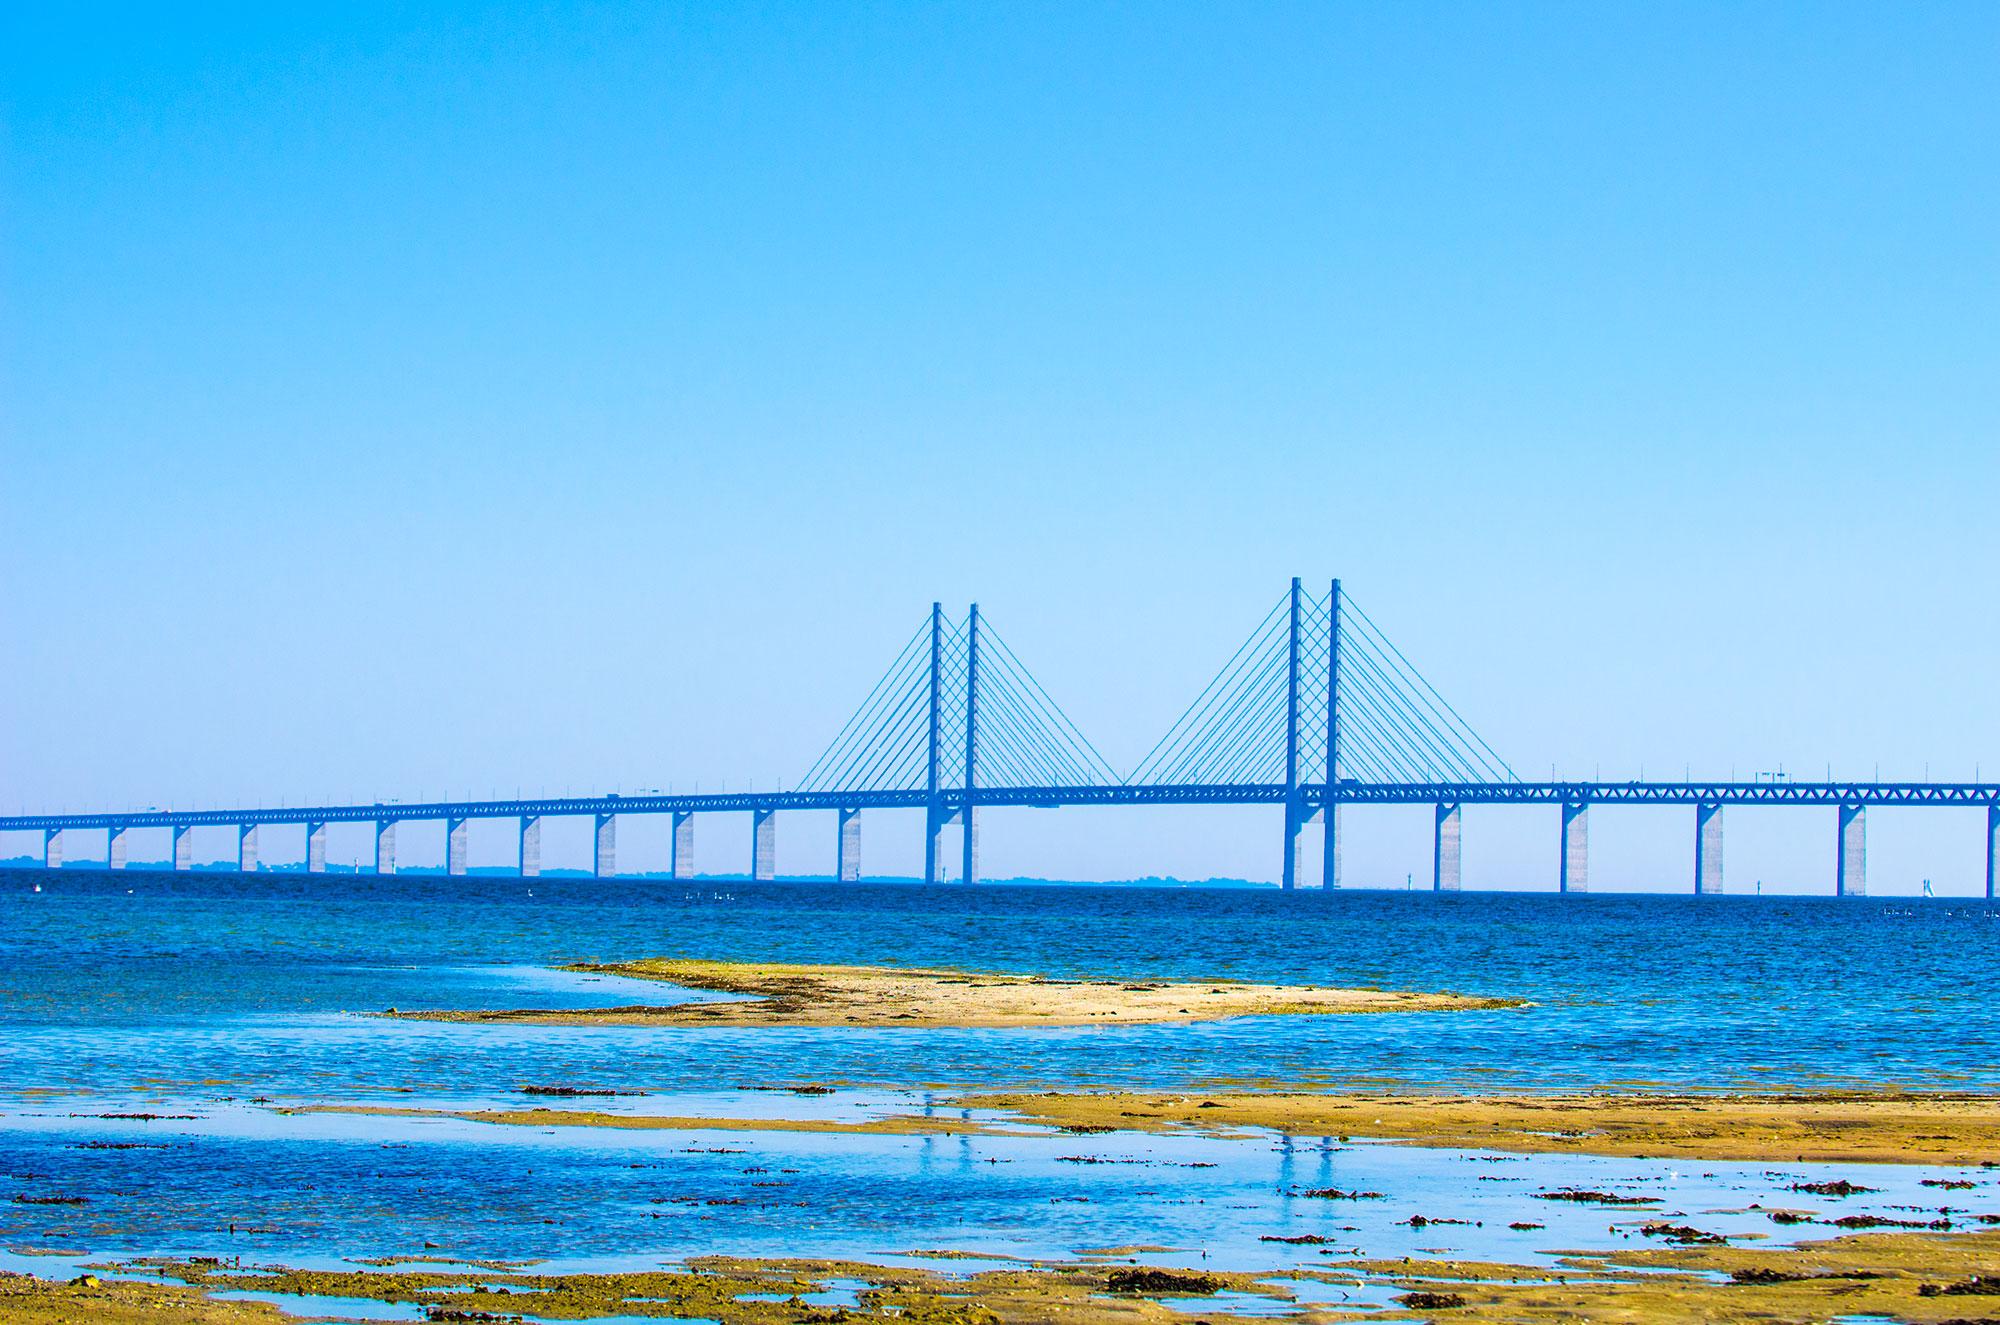 krestenhillerup.dk `s foto øresund bridge sweden and denmark